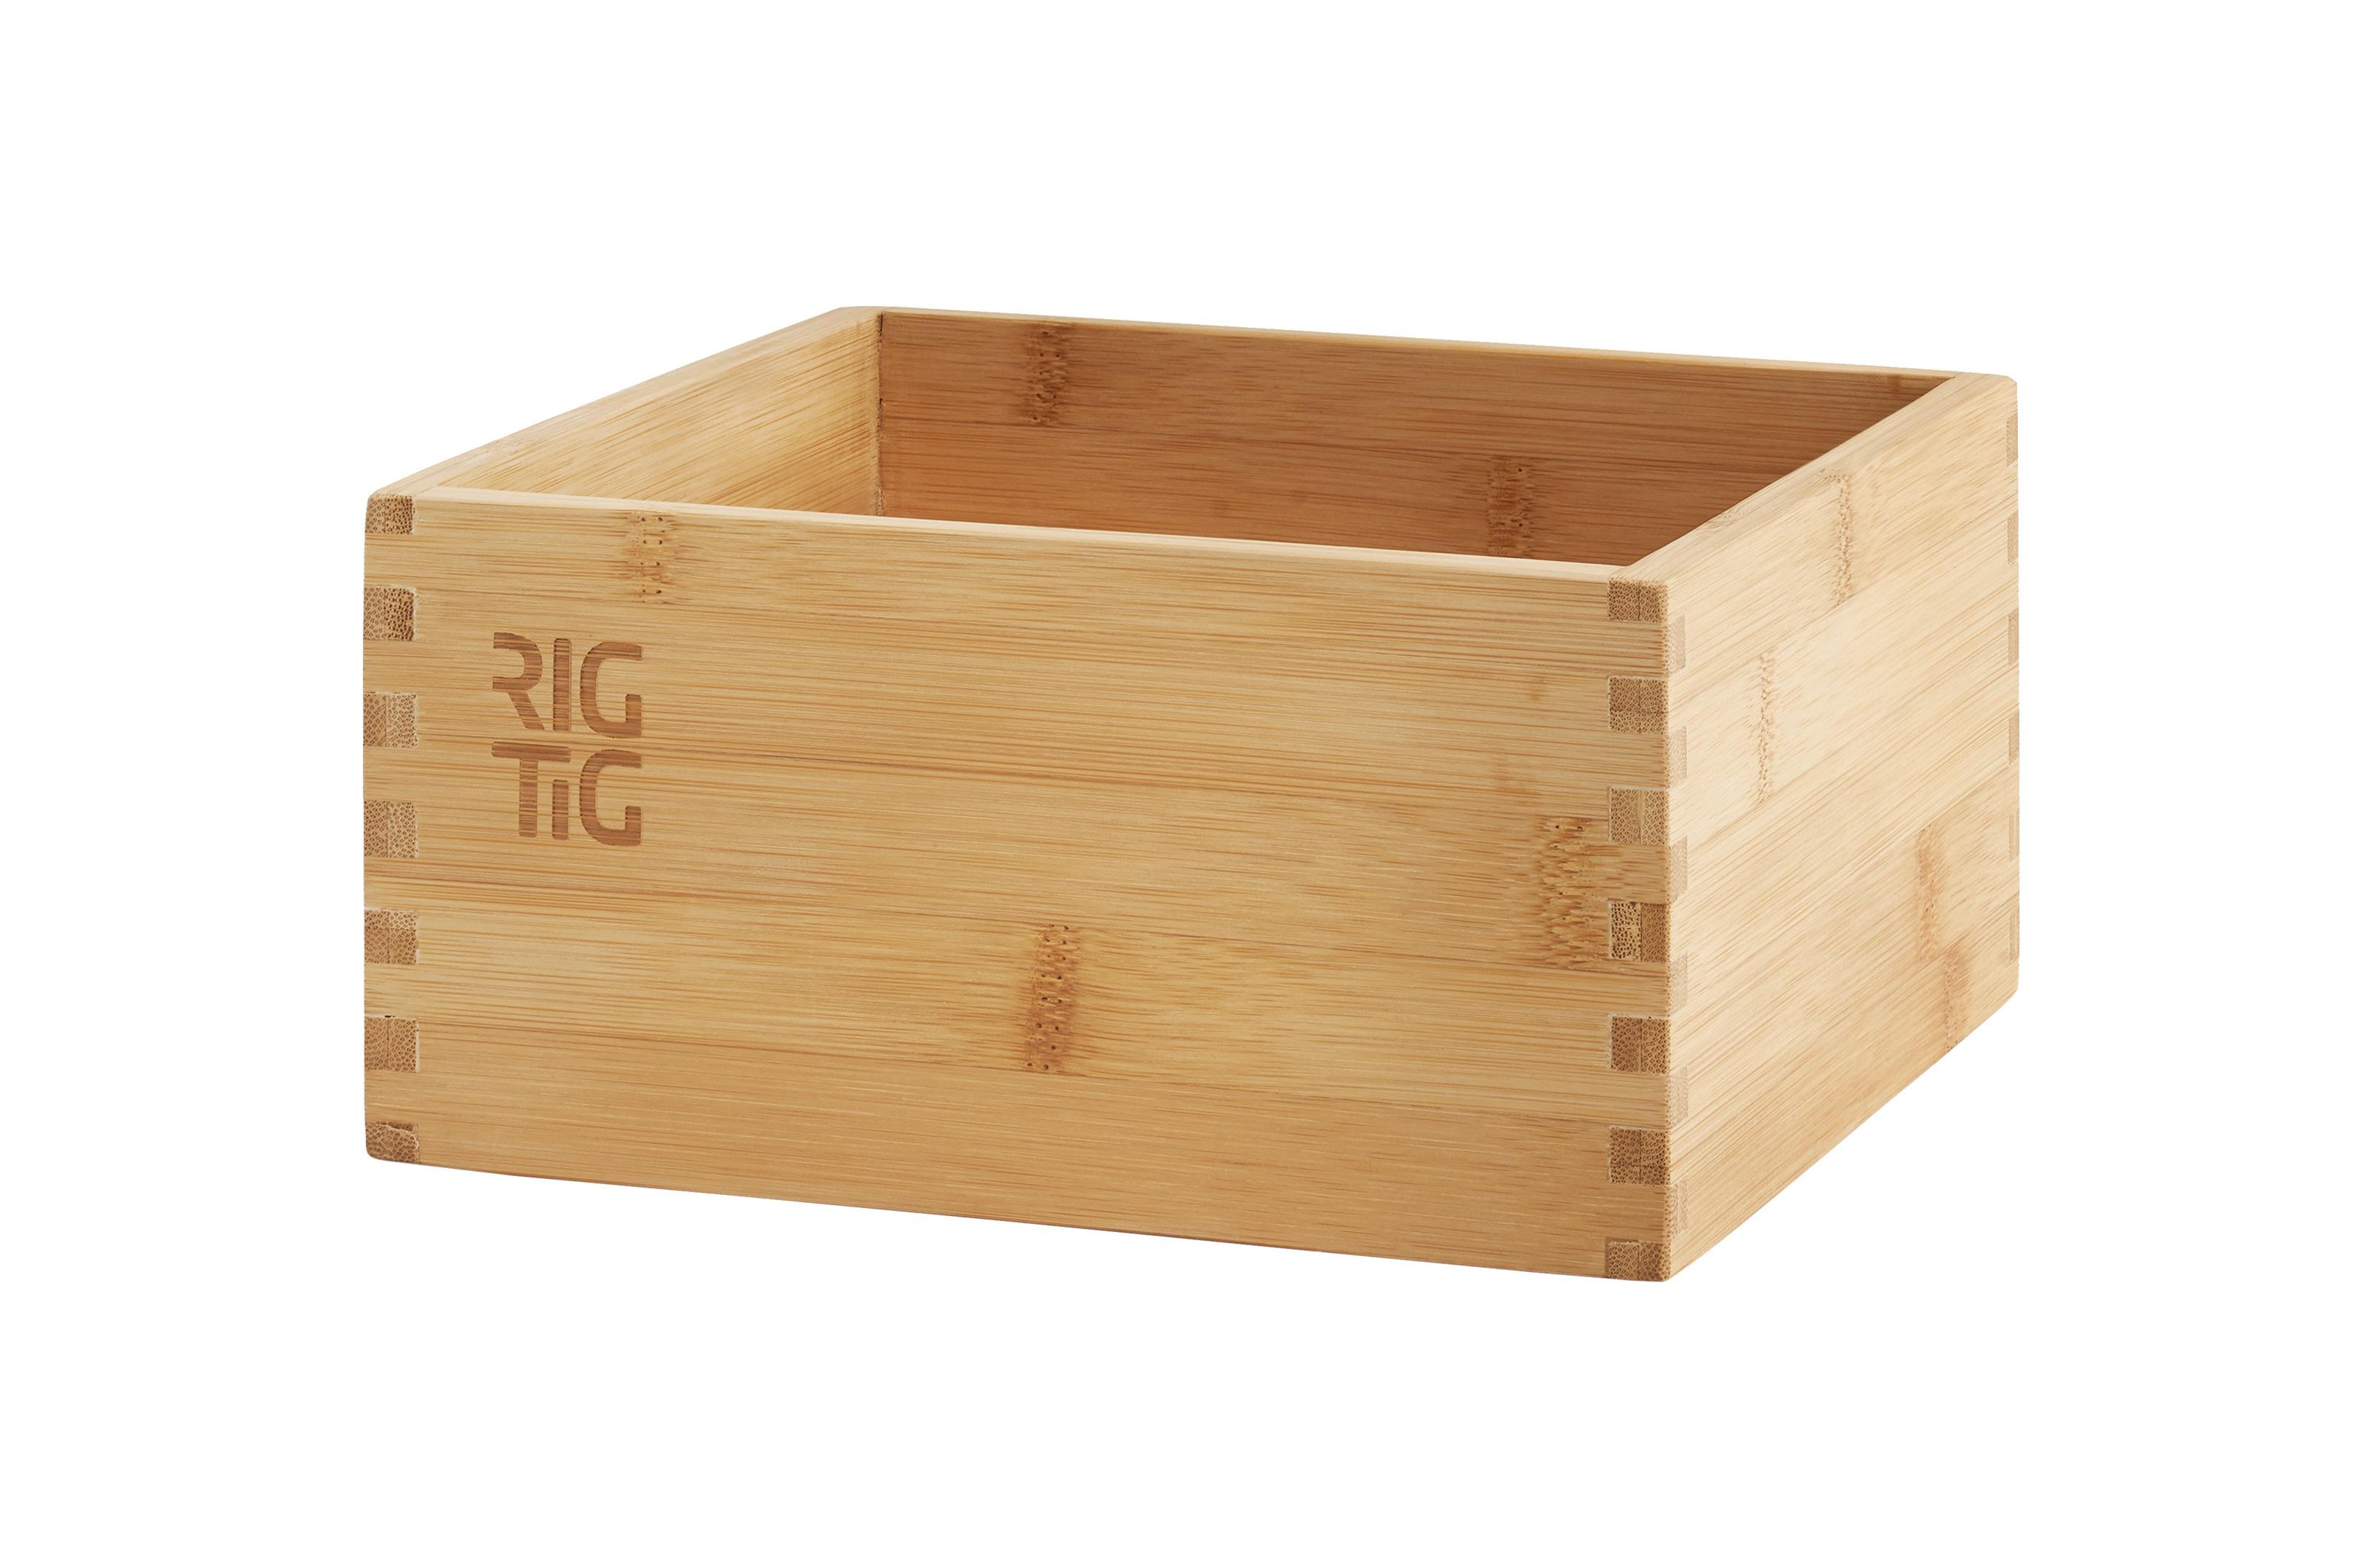 Ящик для хранения WOODSTOCKЕмкости для хранения<br>Ящик для хранения WOODSTOCK сможет привнести на Вашу кухню элемент уюта. Ящик можно использовать несколькими способами: как подставку для специй и дозаторов с маслом на столе, как ящик для хранения кухонных мелочей на кухонном шкафу, как место для хранения фруктов/овощей. Дизайнер: &amp;amp;nbsp;RIG-TIG. Коллекция: WOODSTOCK.<br><br>Material: Дерево<br>Length см: None<br>Width см: 22<br>Depth см: 22<br>Height см: 10